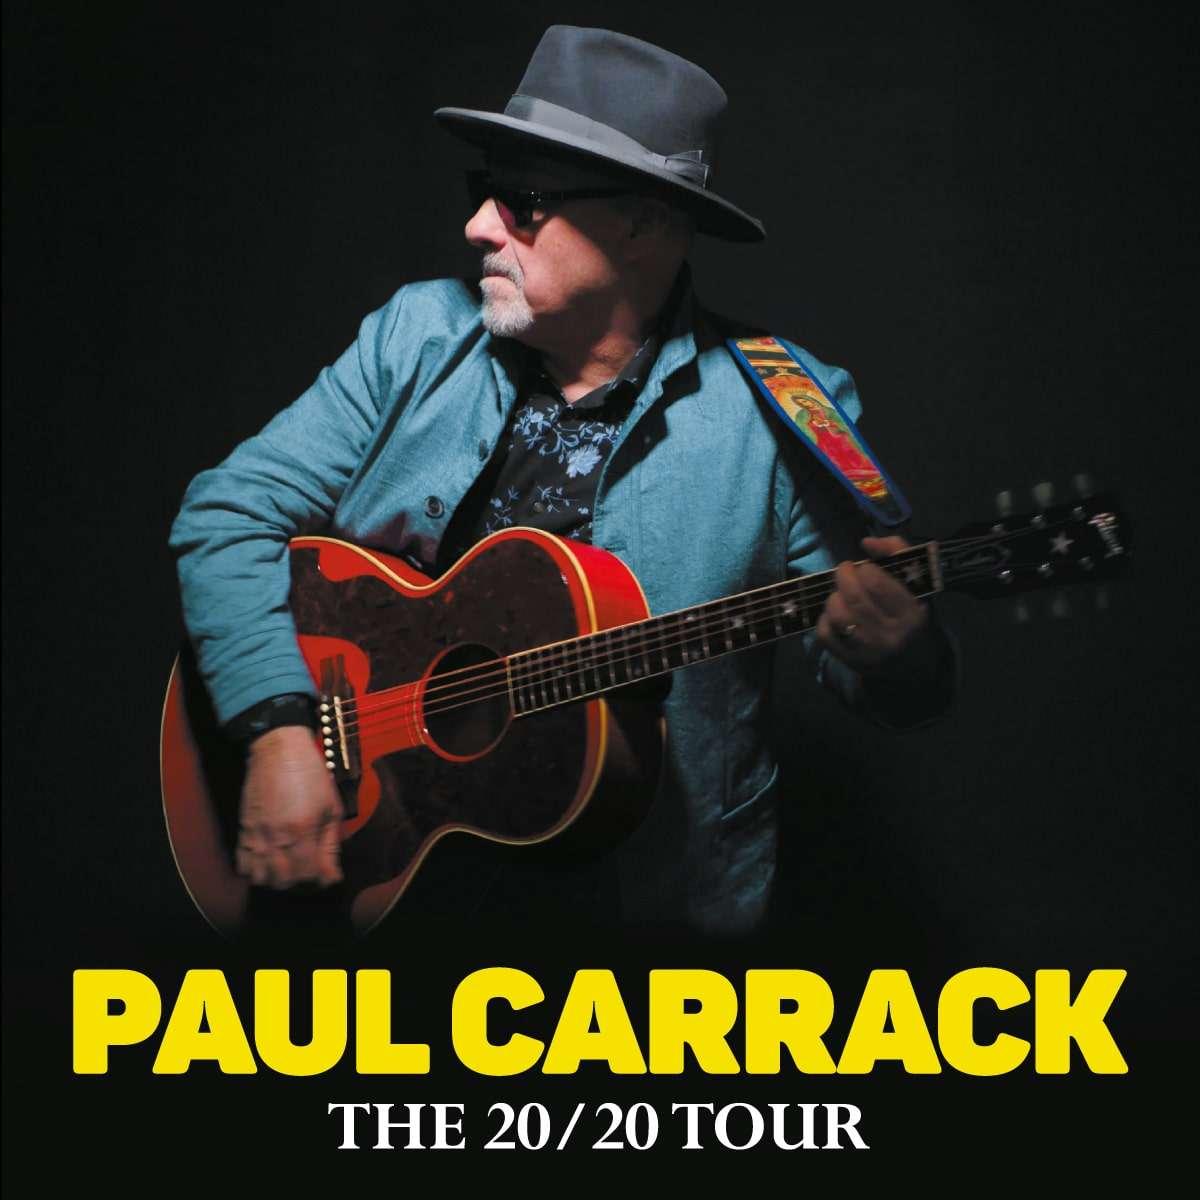 The 20/20 Tour